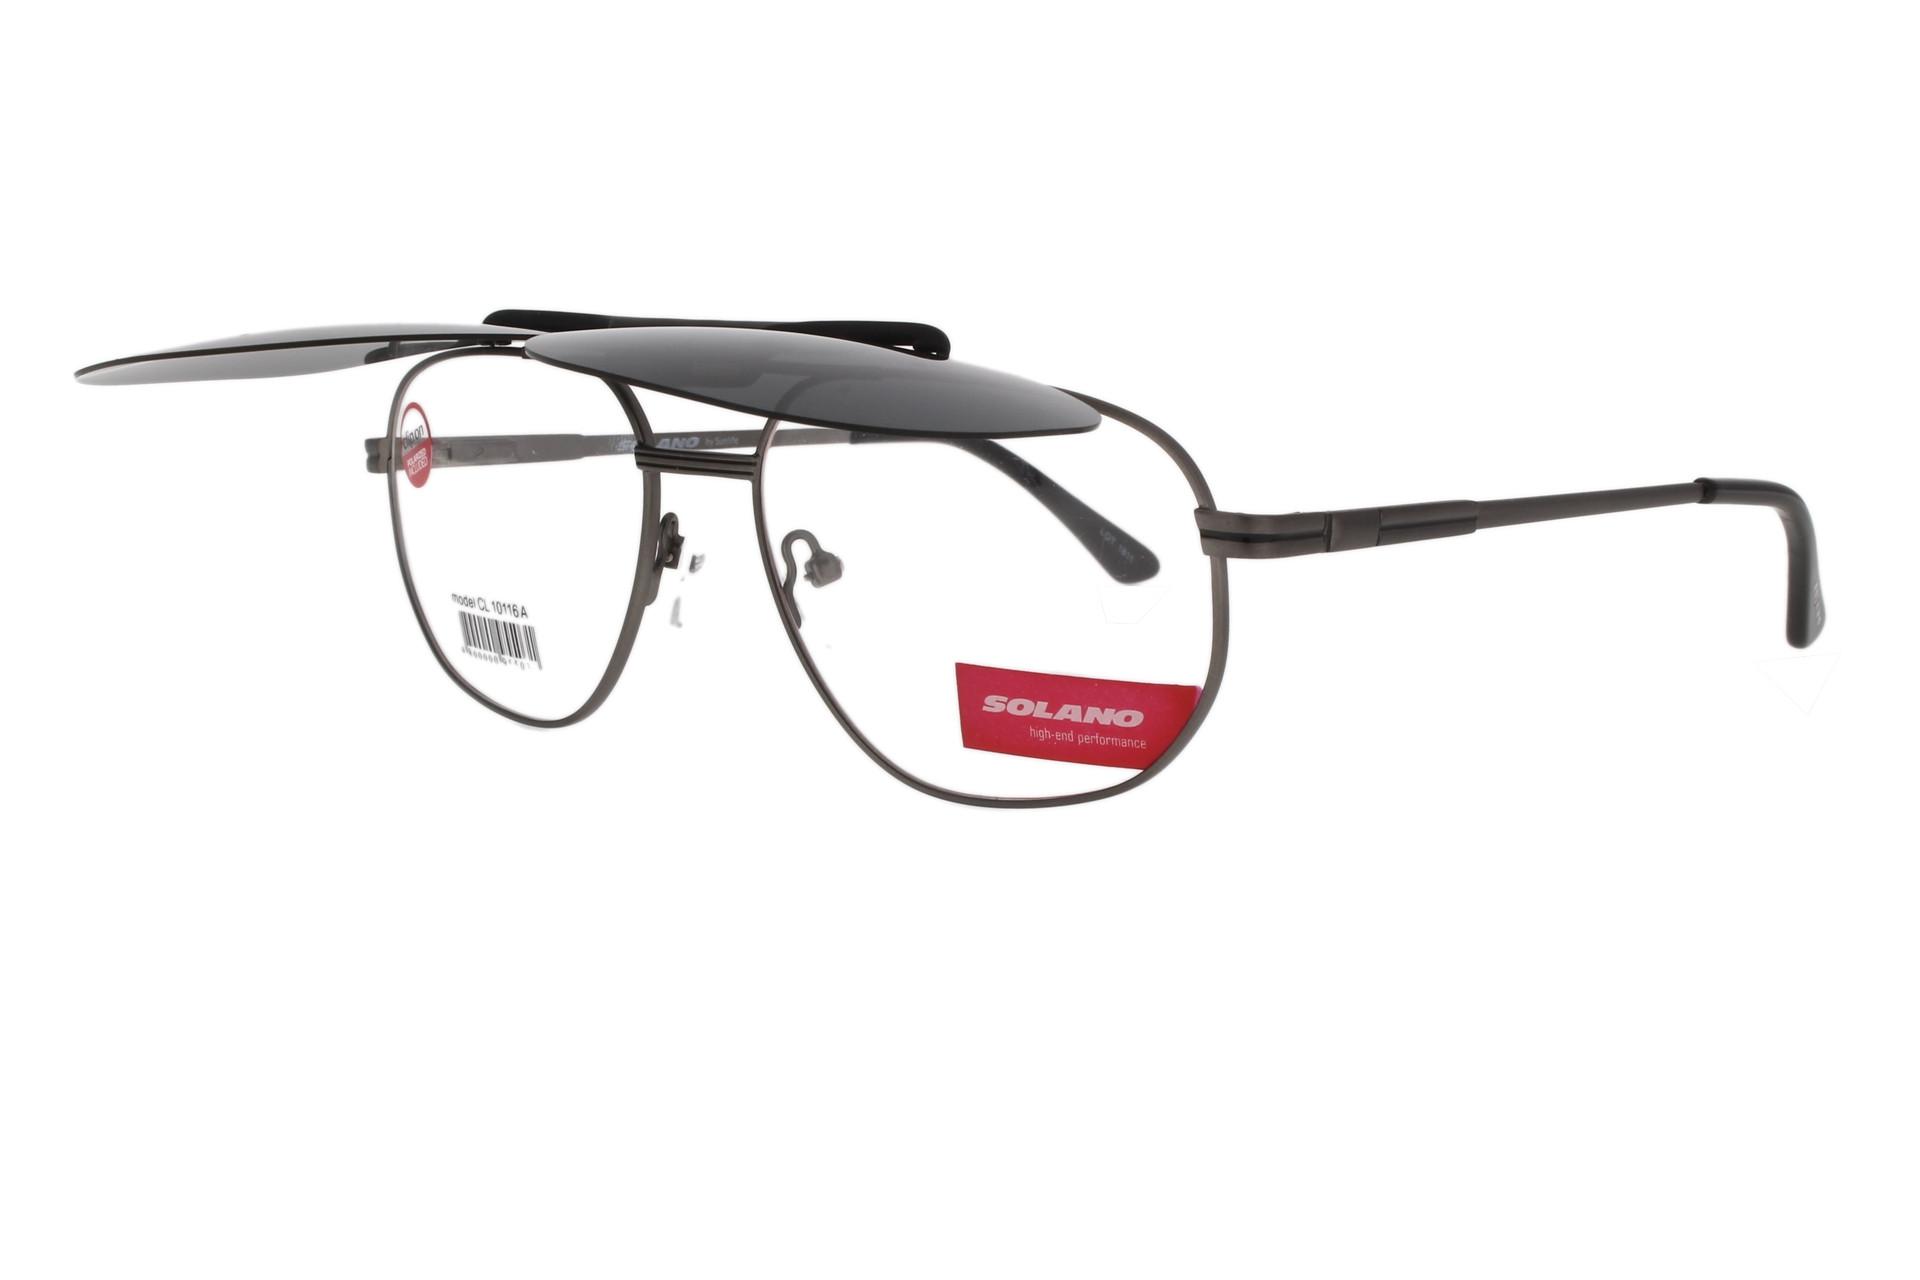 Ifjúsági szemüveg kollekció